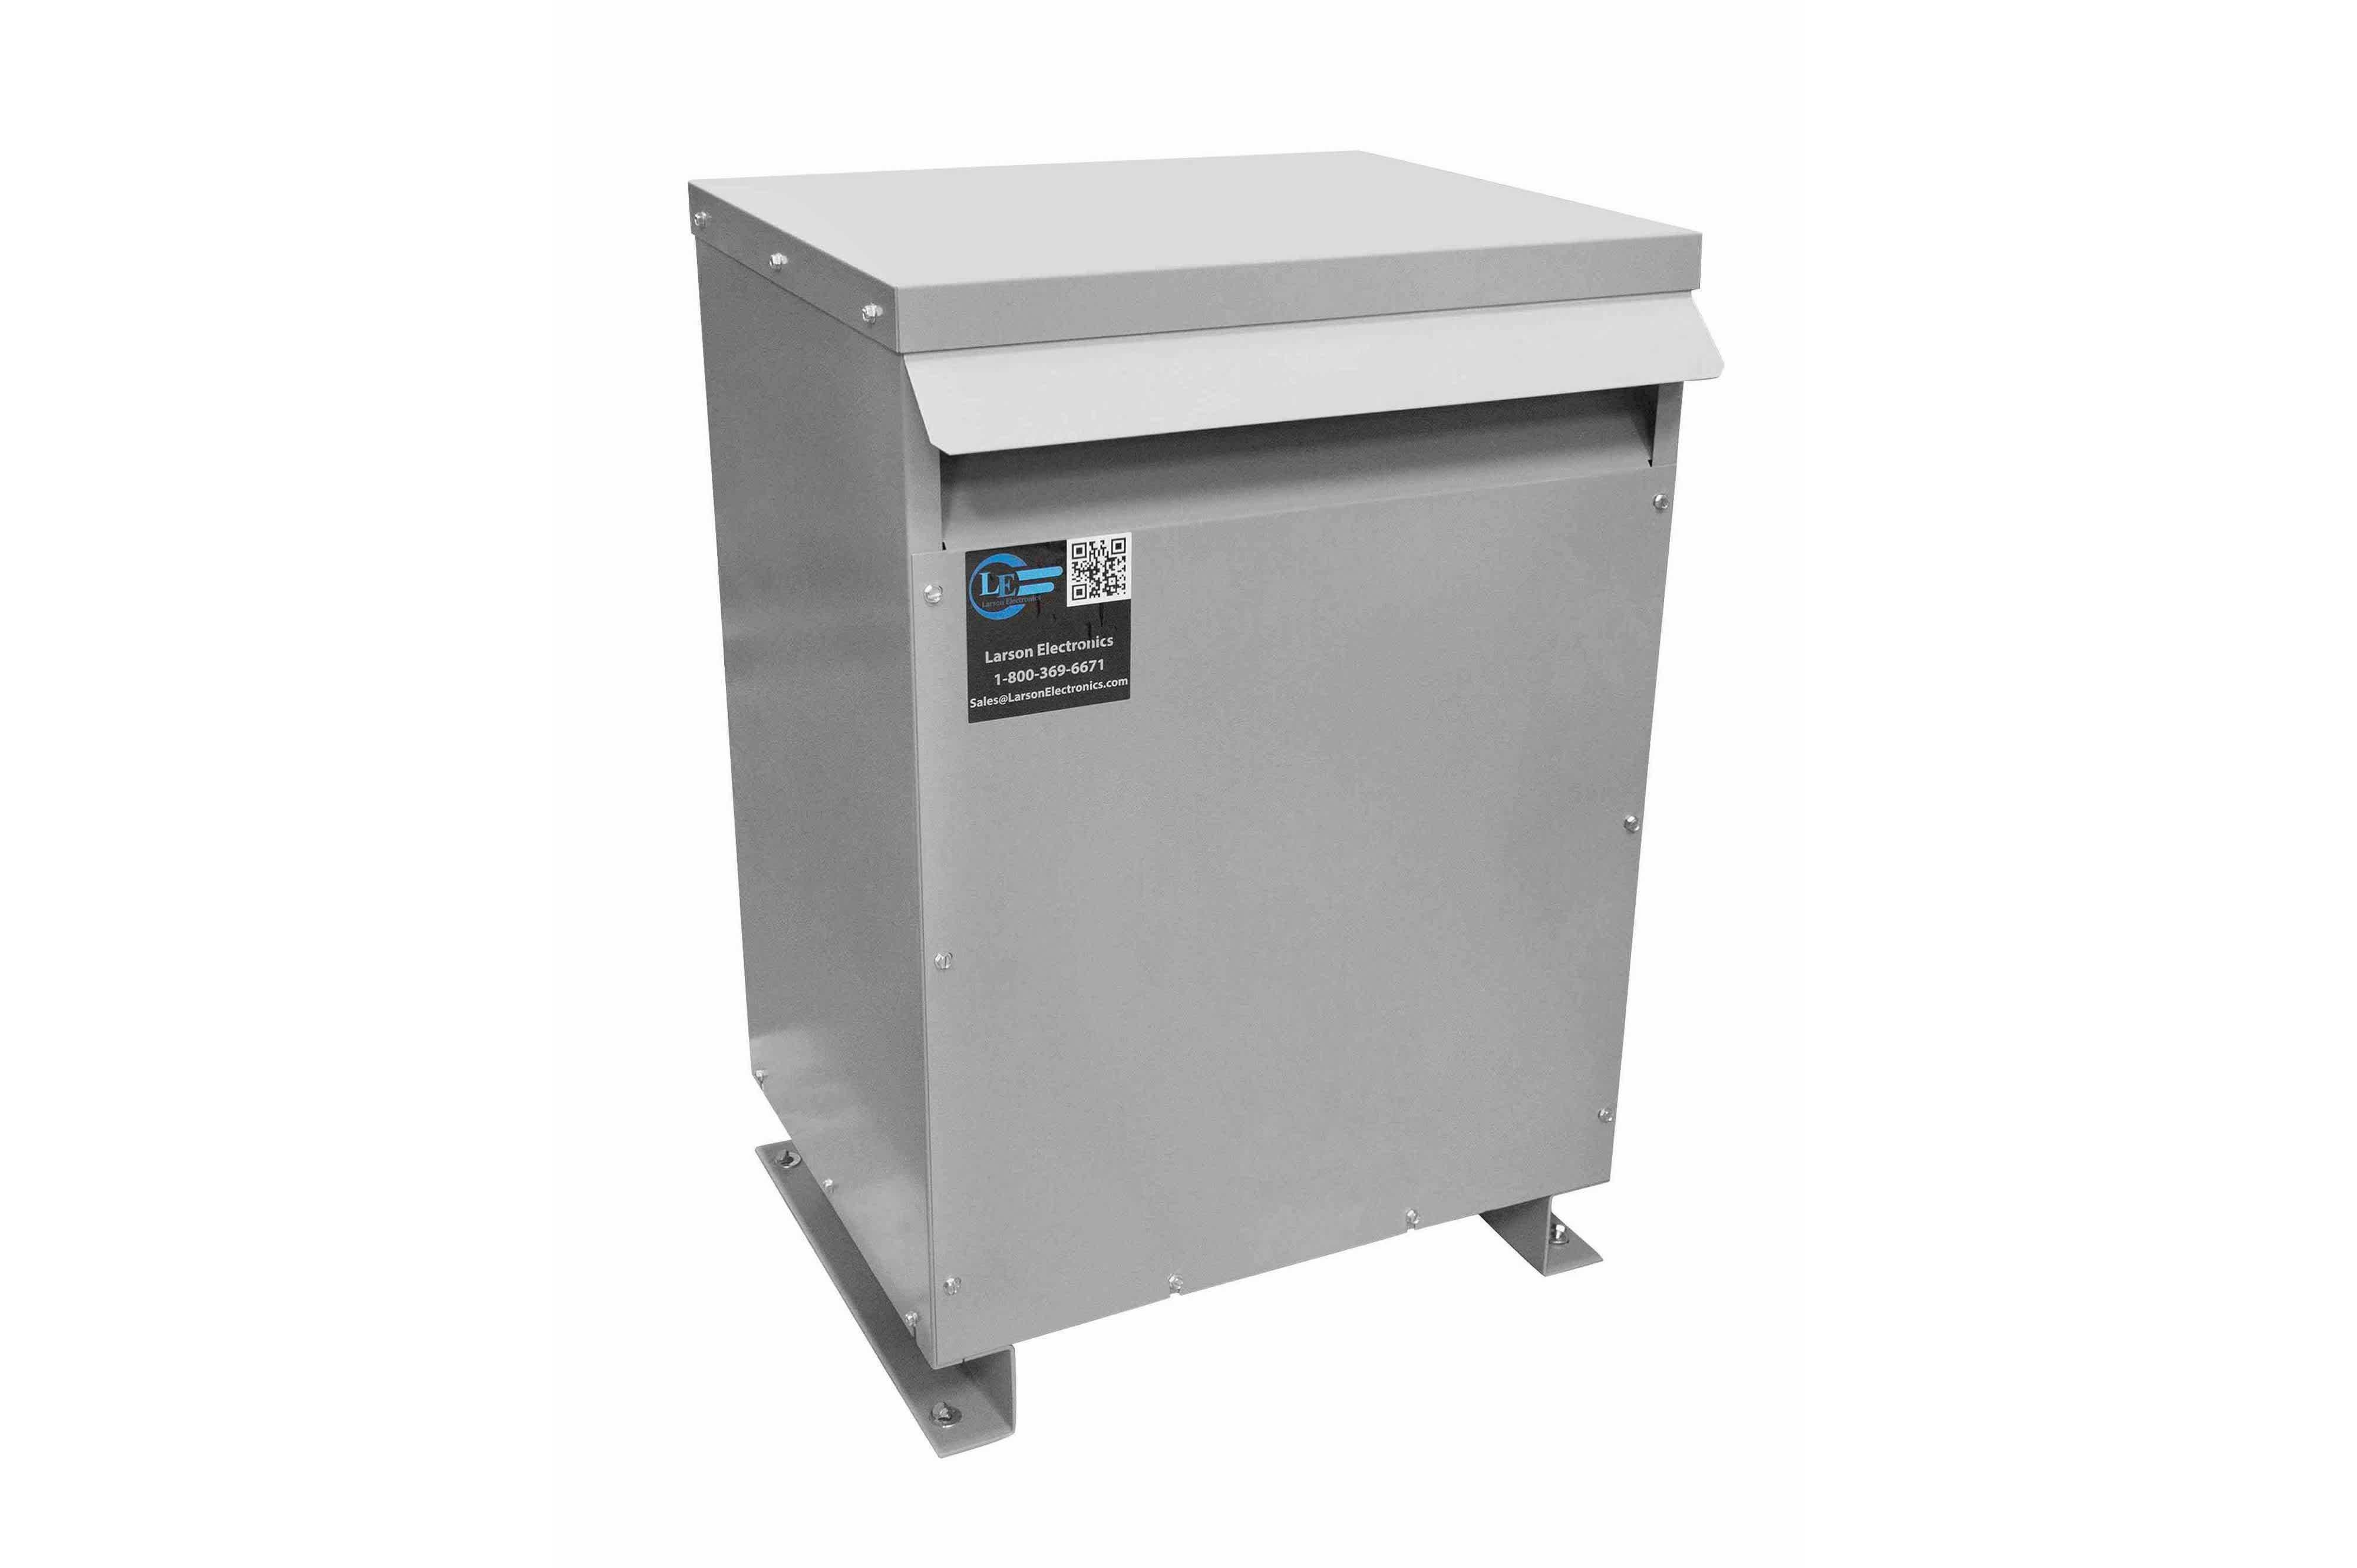 70 kVA 3PH Isolation Transformer, 480V Delta Primary, 575V Delta Secondary, N3R, Ventilated, 60 Hz